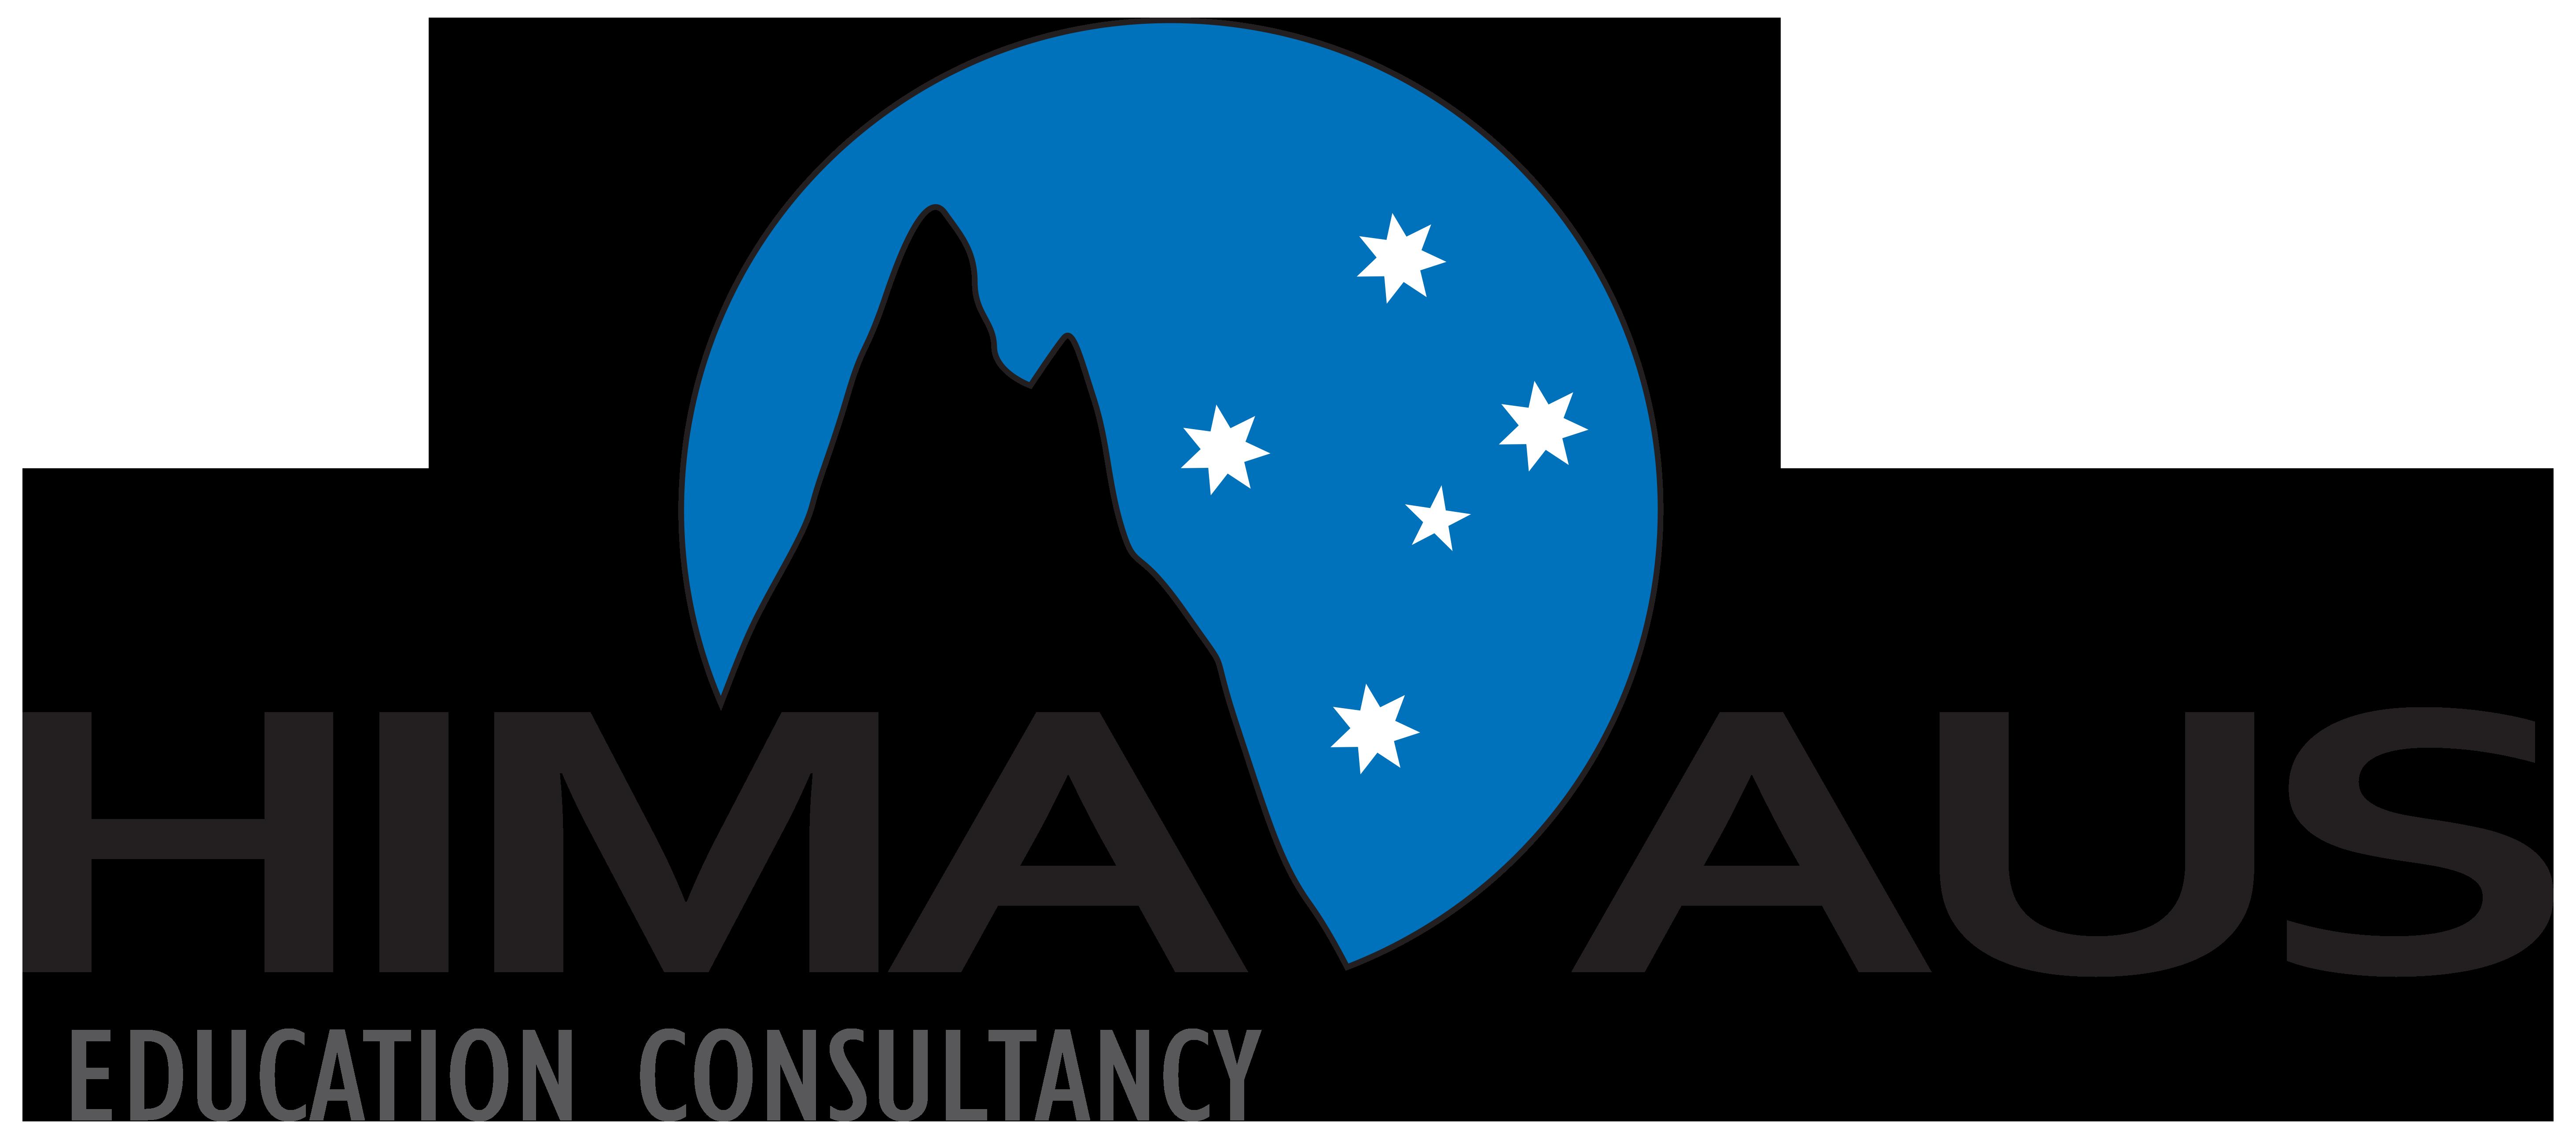 himaaus final logo